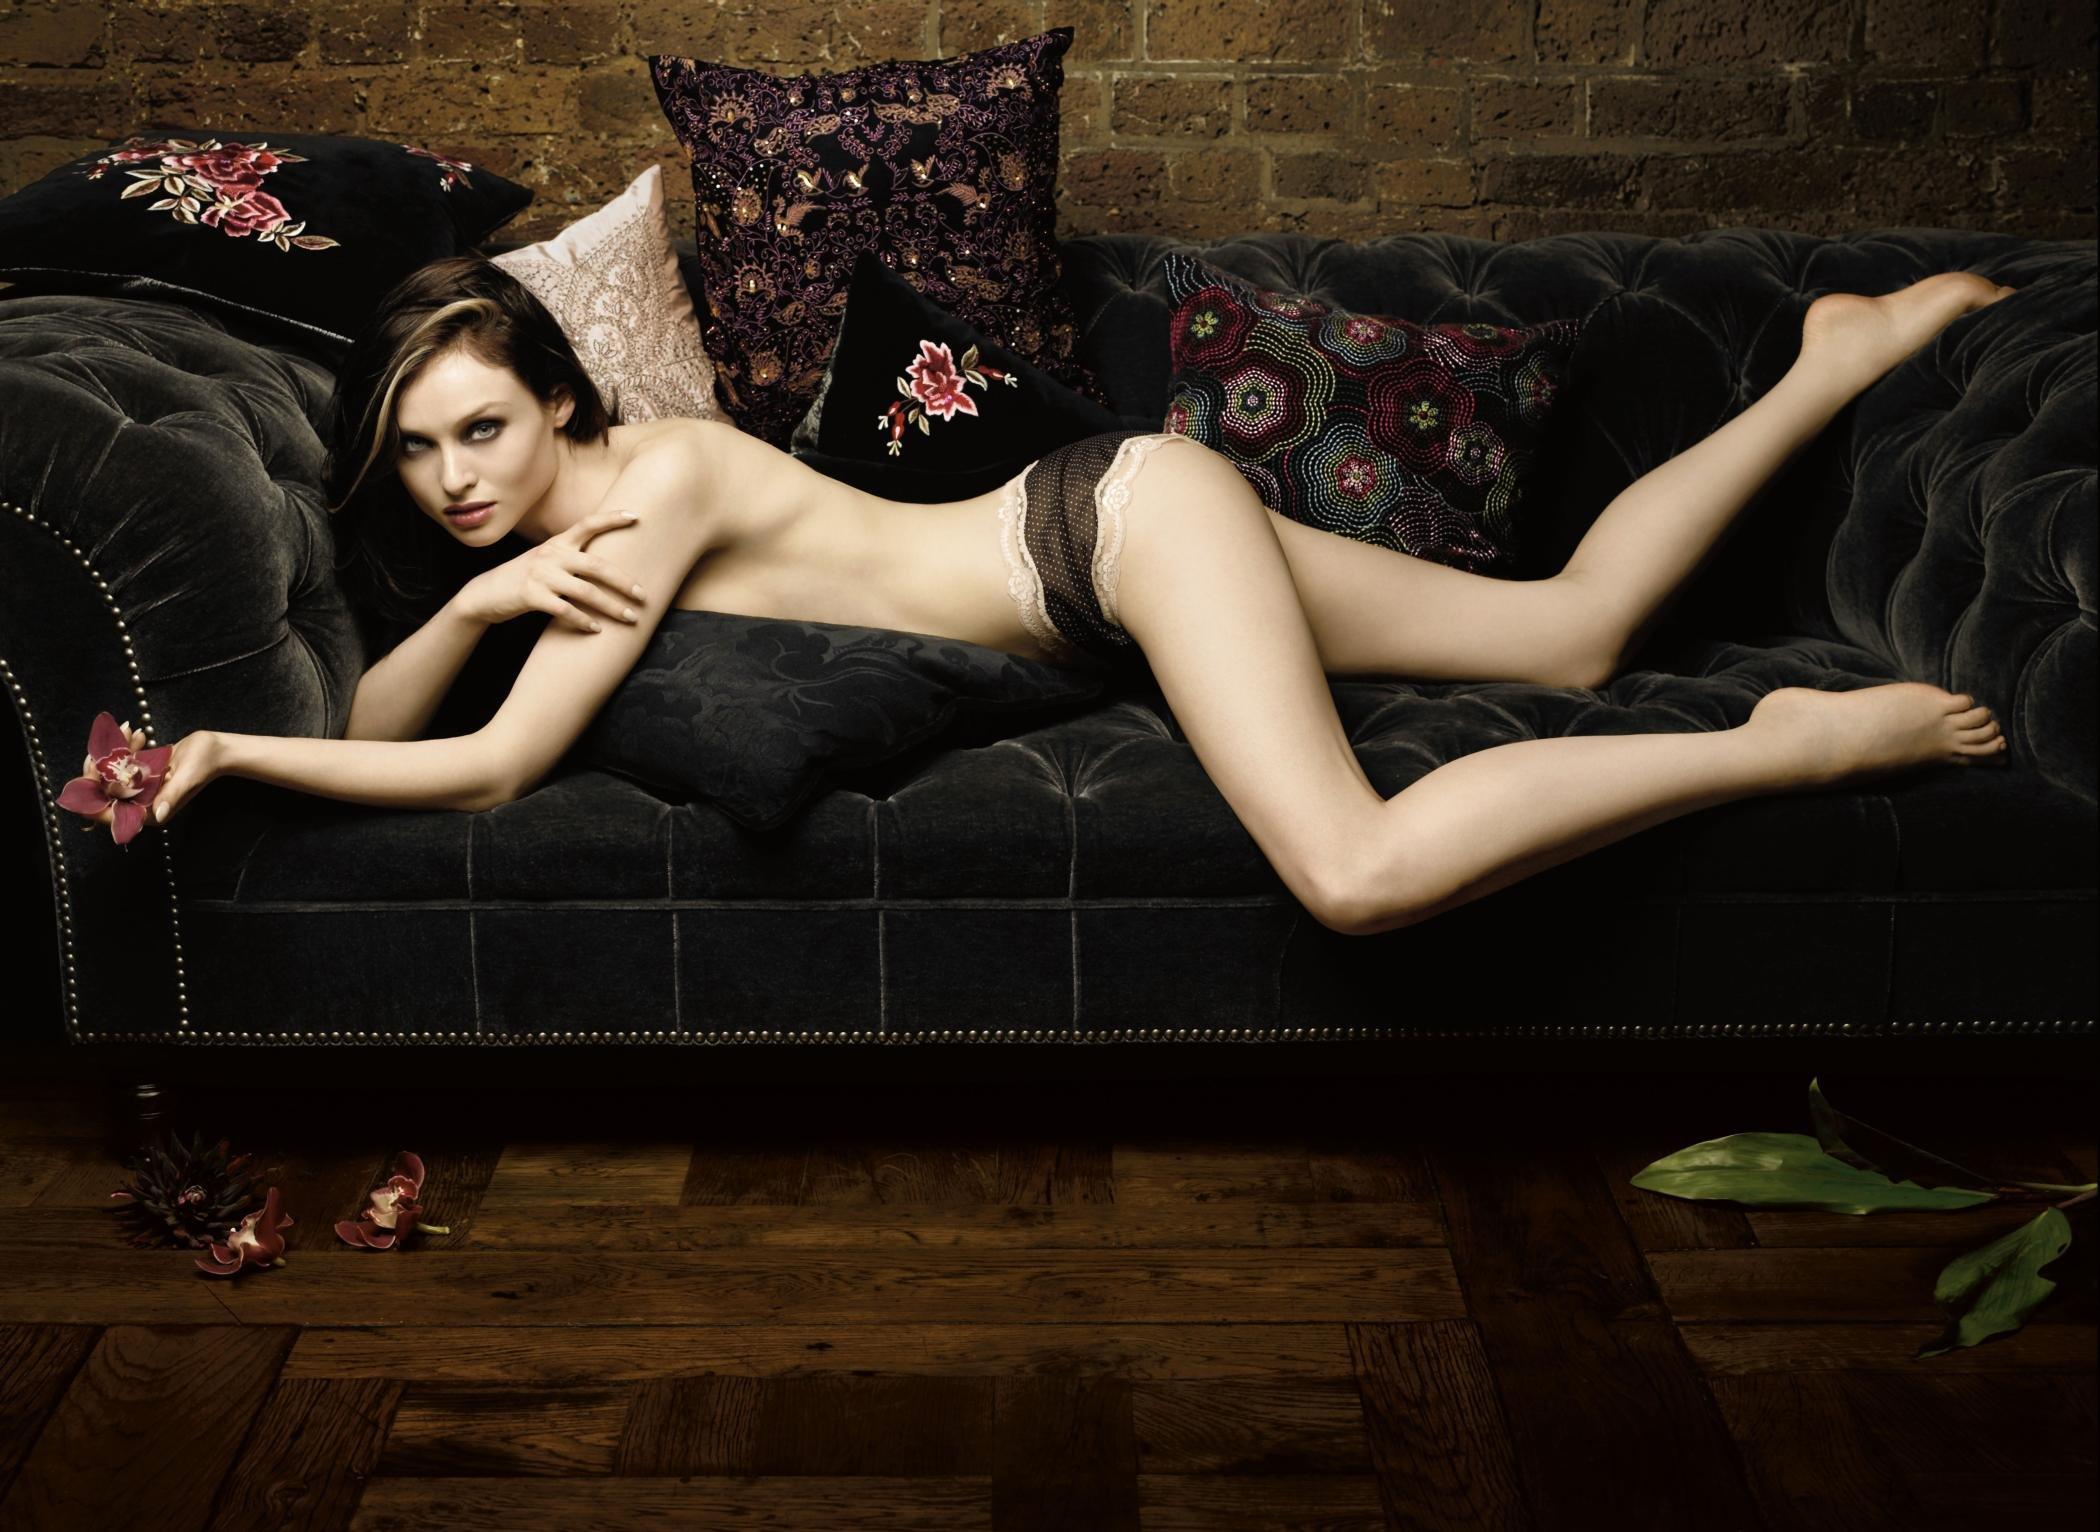 2100x1532 > Sophie Ellis-Bextor Wallpapers